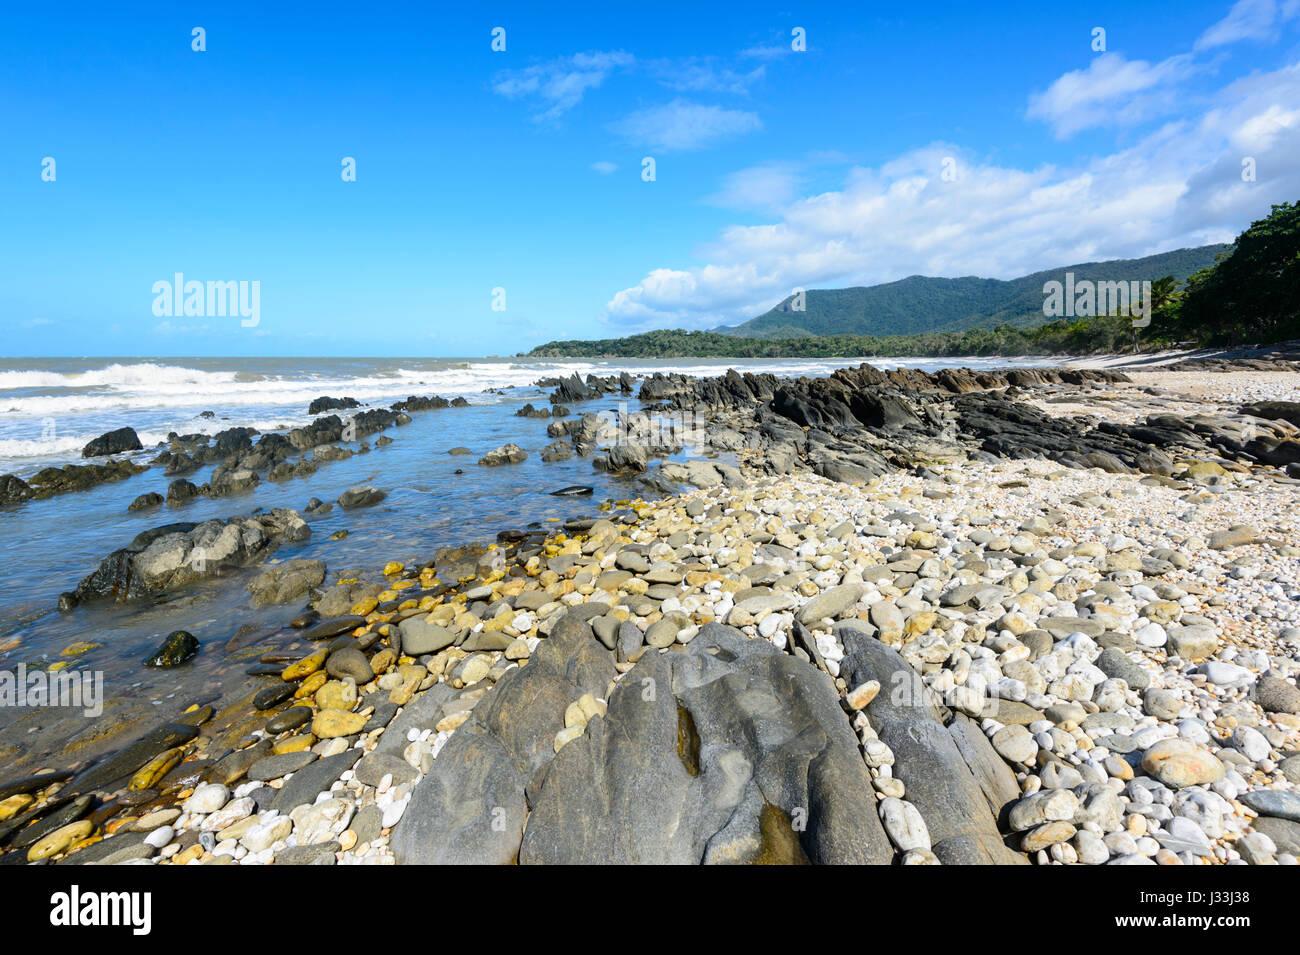 Scenic robusto litorale roccioso tra Cairns e Port Douglas, estremo Nord Queensland, FNQ, QLD, Australia Immagini Stock